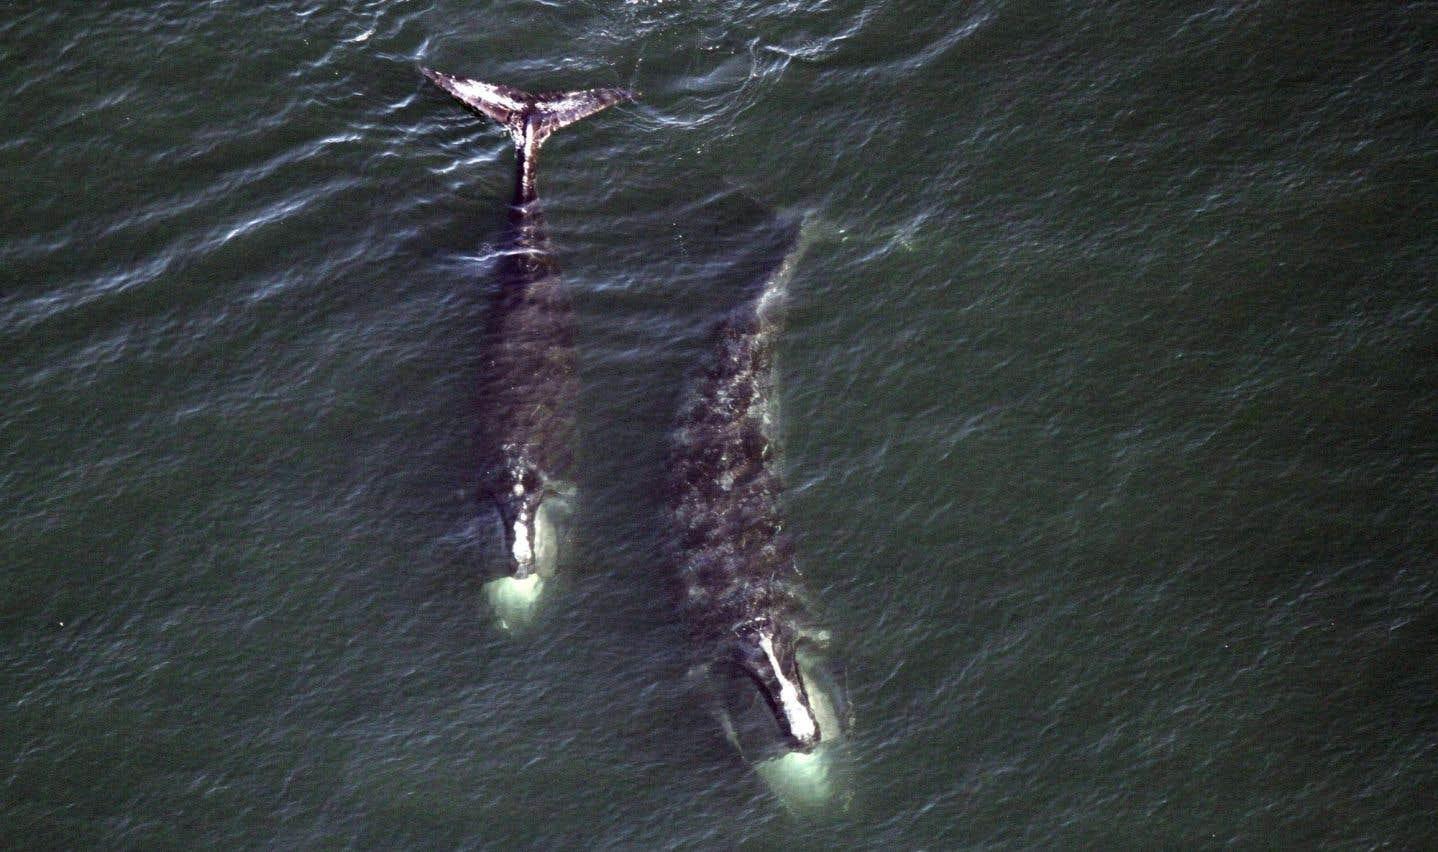 Protection des baleines: vitesse réduite dans le Pacifique, mais pas dans le golfe